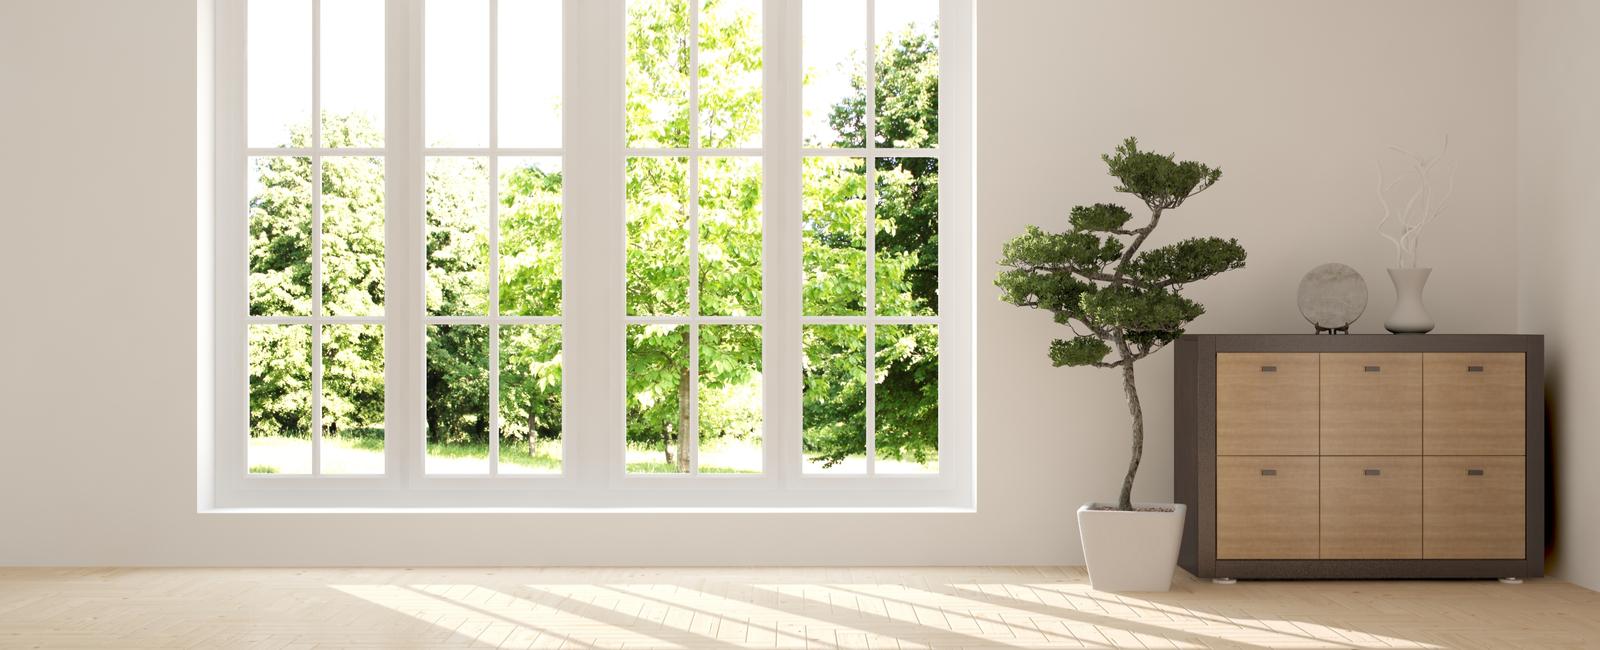 la fen tre pvc conseils travaux. Black Bedroom Furniture Sets. Home Design Ideas